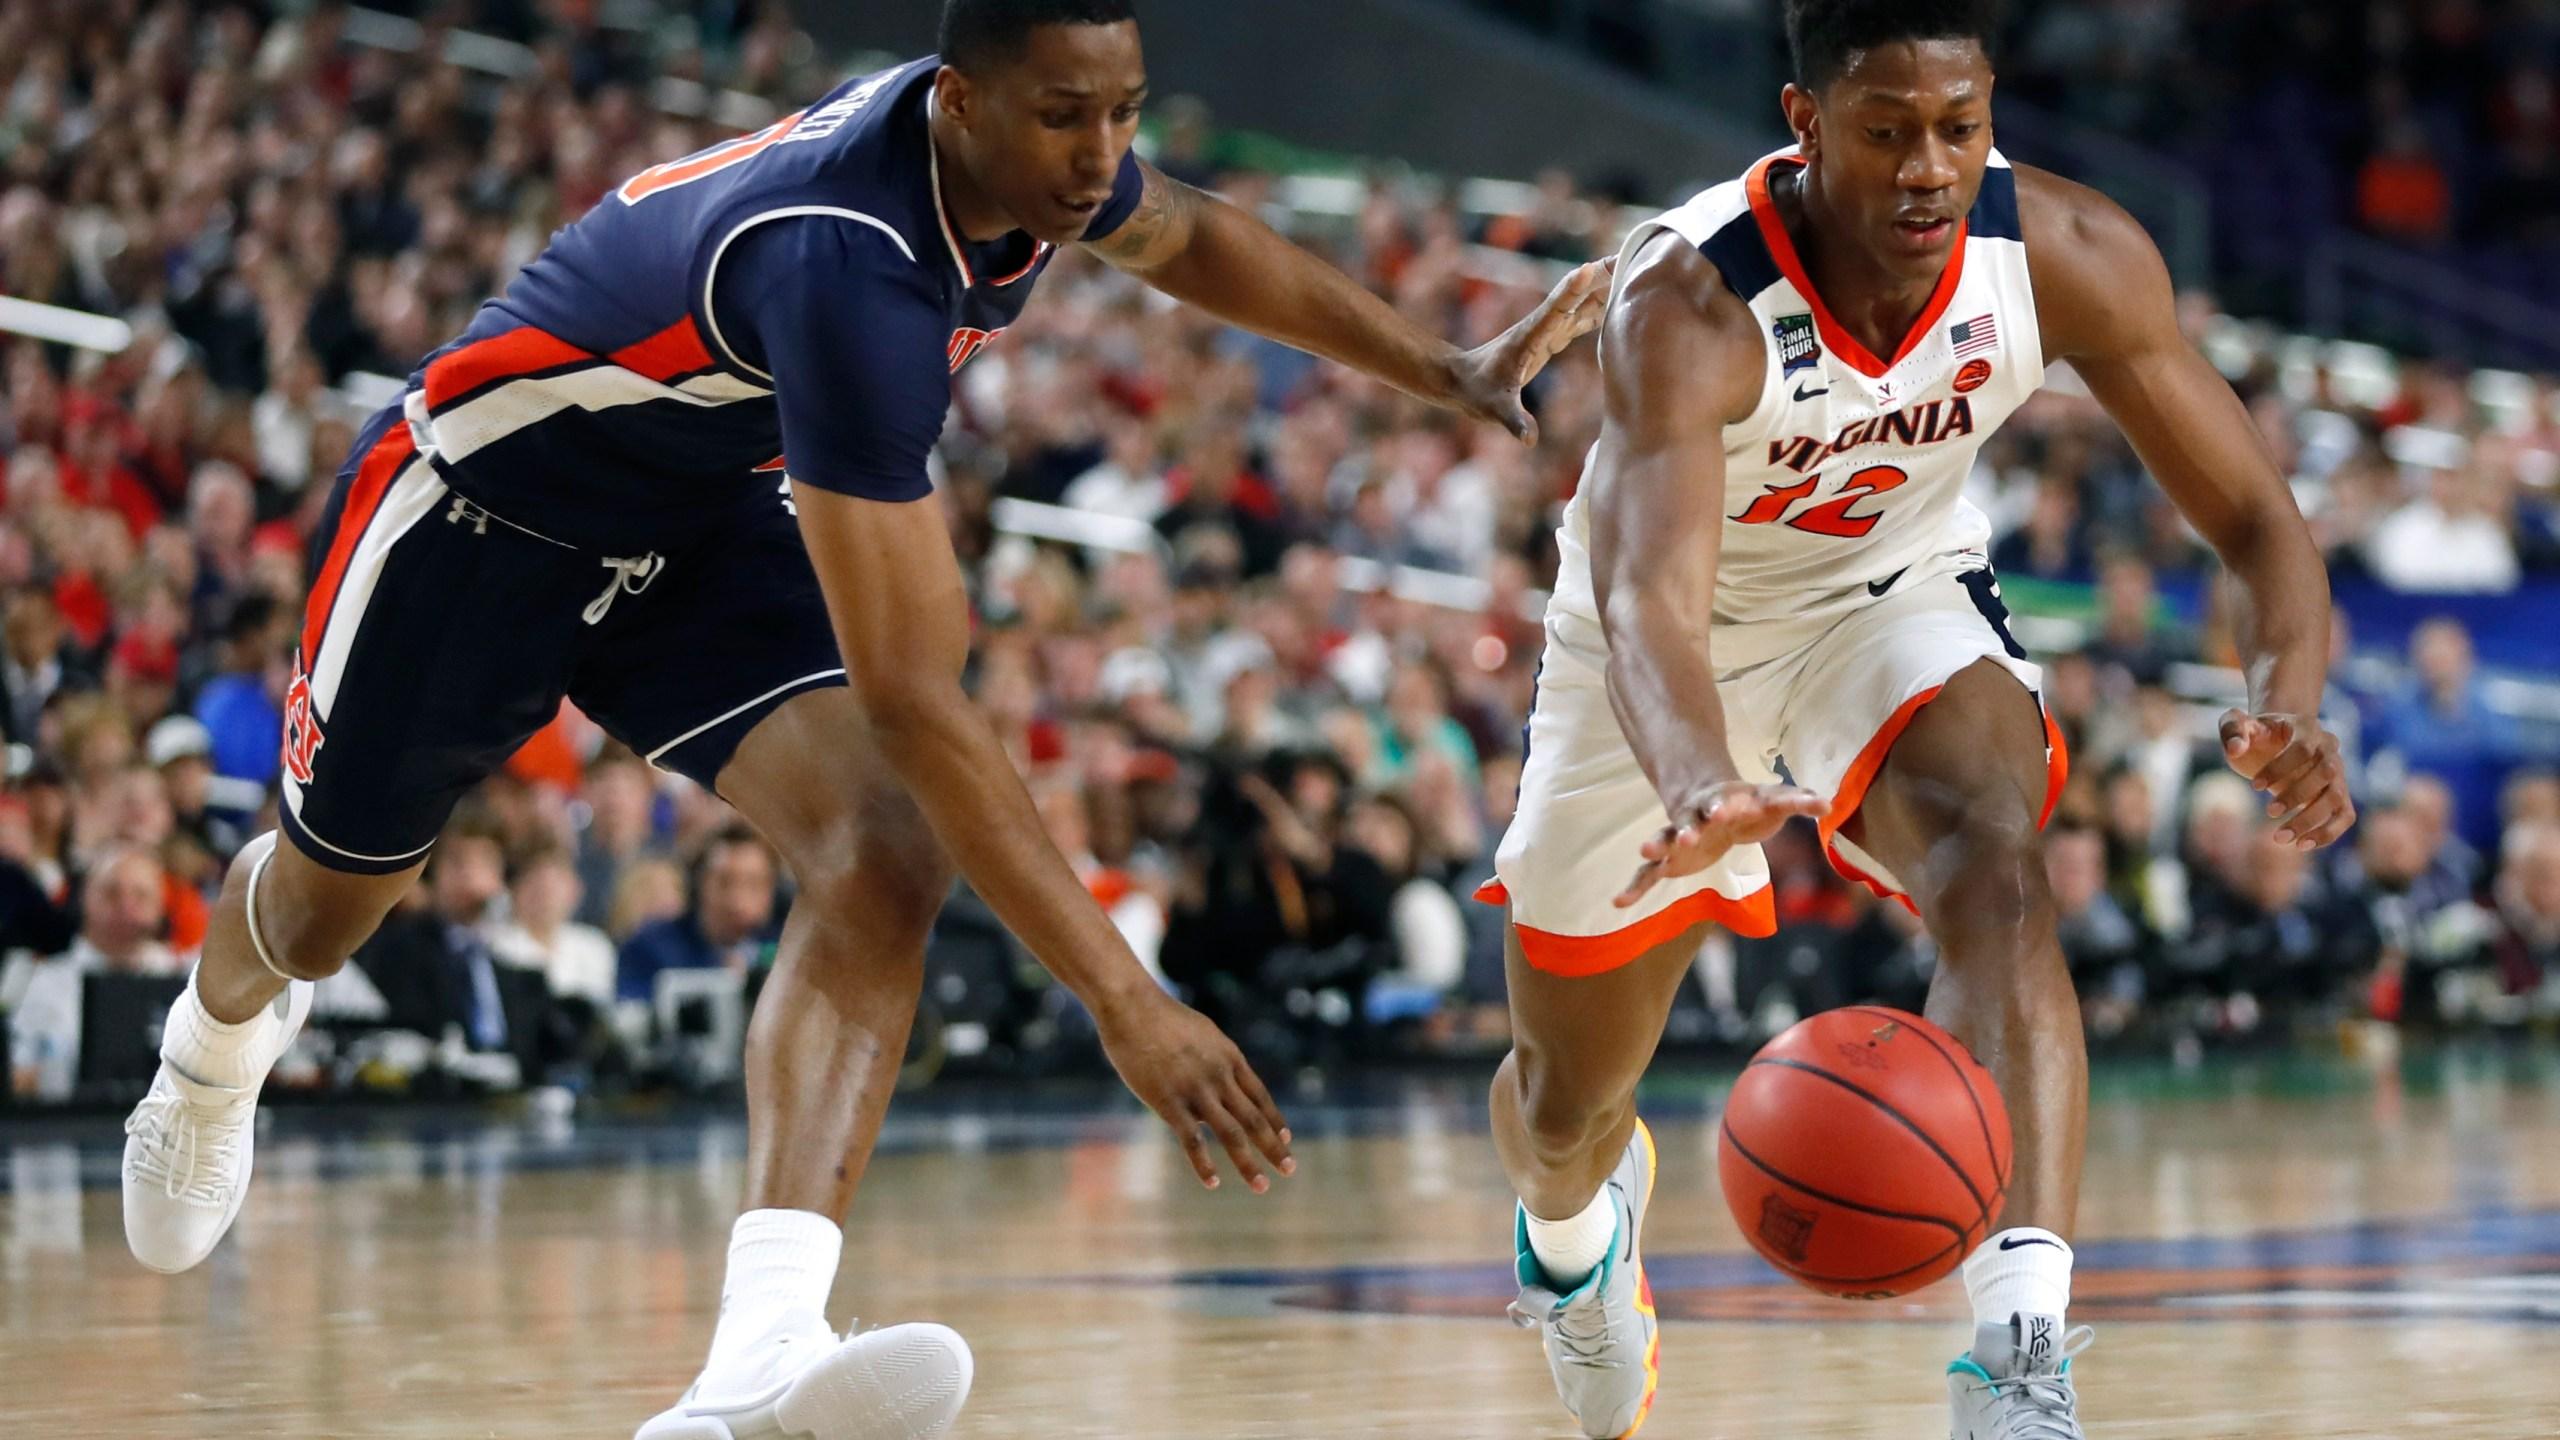 Final_Four_Auburn_Virginia_Basketball_70658-159532.jpg47101955